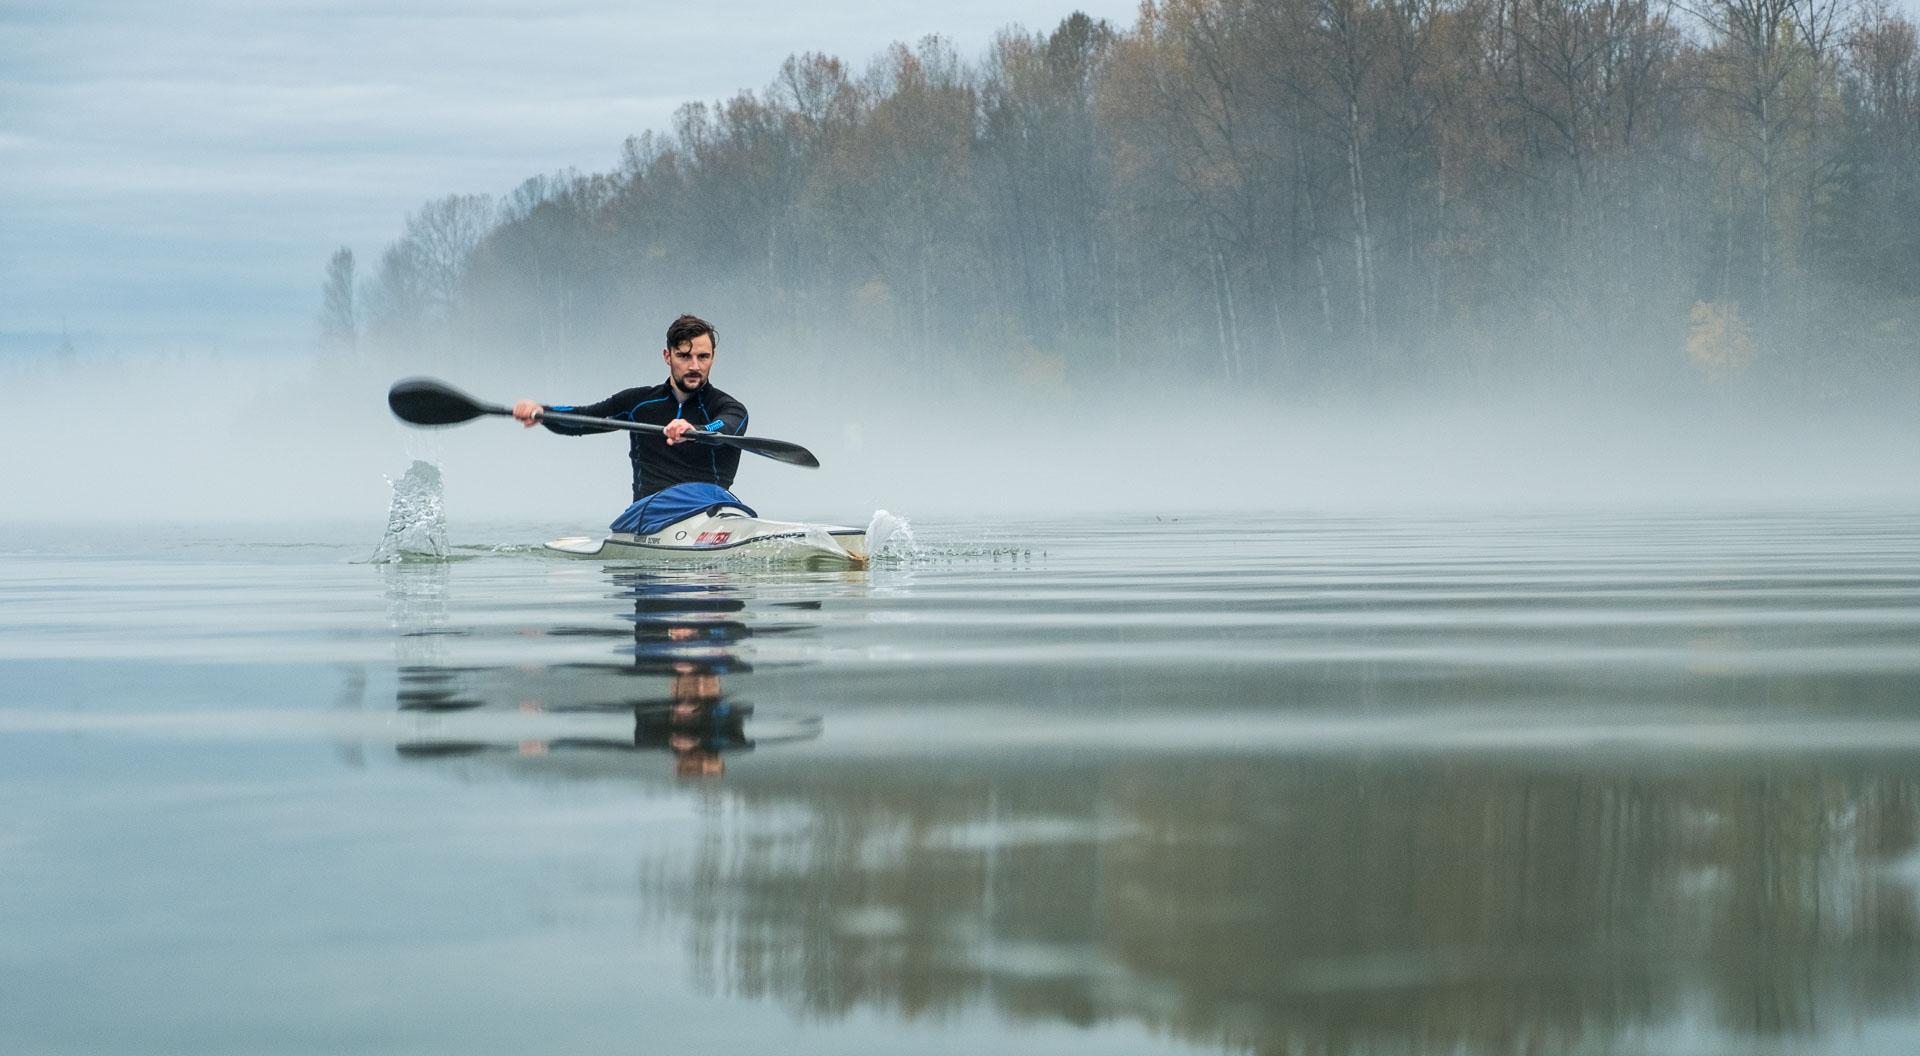 paddler in kayak